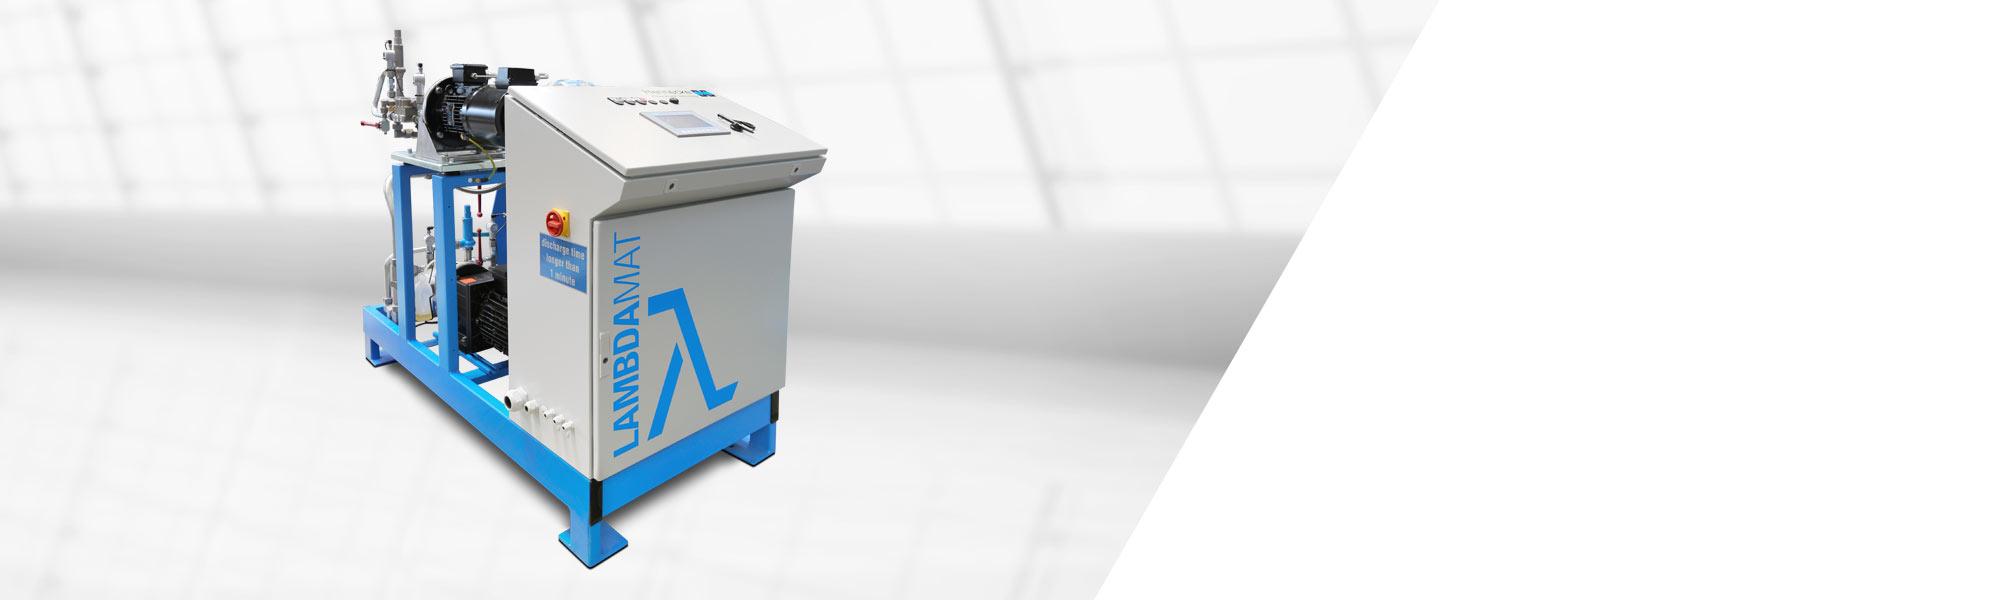 배치(batch) 프로세스에서 HFO(예: Solstice® LBA) 및 기타 발포제의 정확한 메터링을 위한 프리믹싱 스테이션